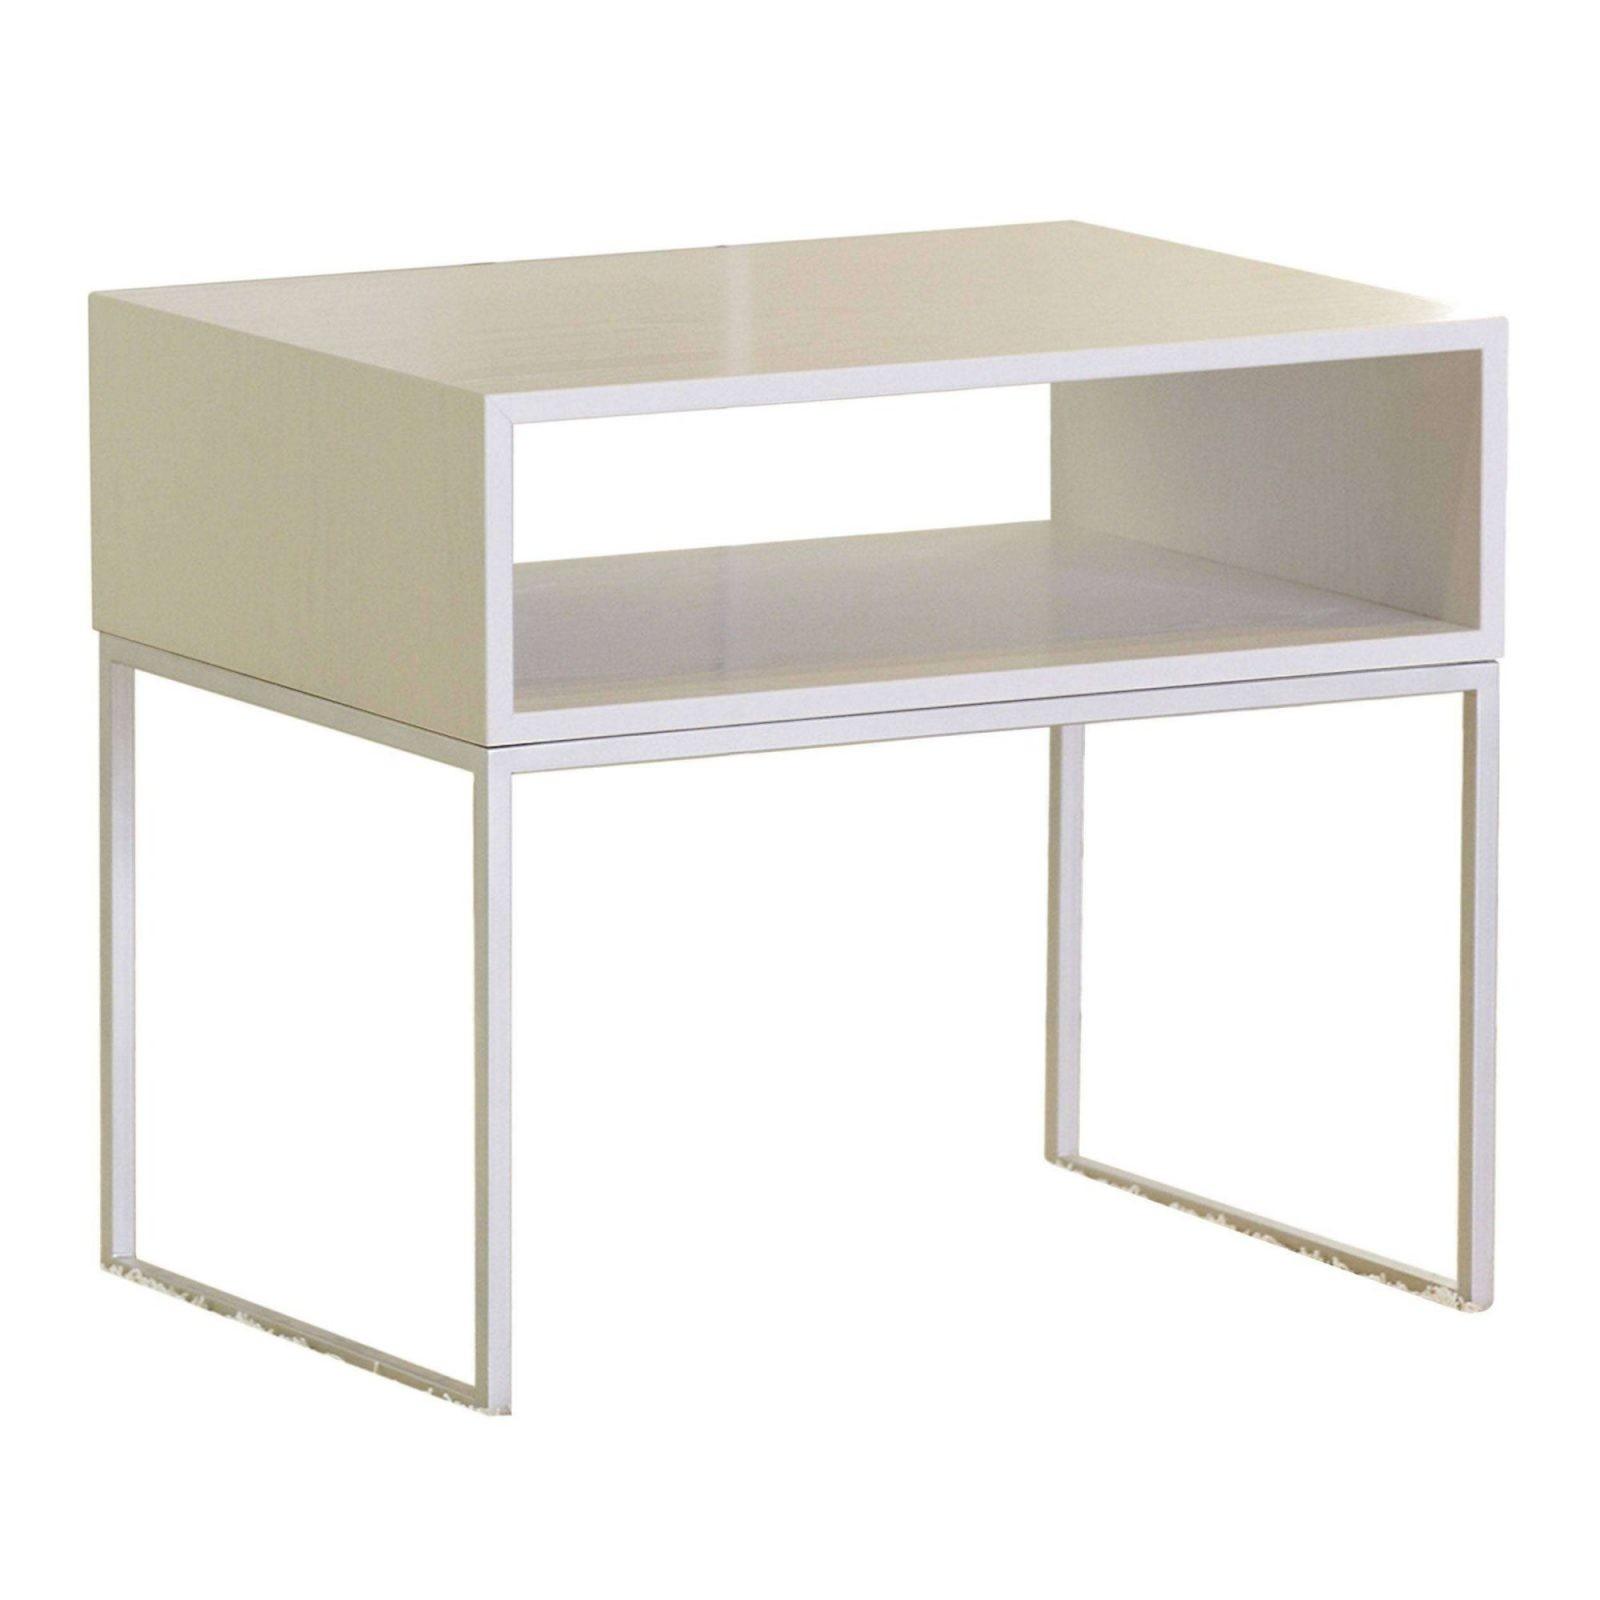 Nachttisch Weiß Preisvergleich • Die Besten Angebote Online Kaufen von Nachttisch 40 Cm Breit Bild